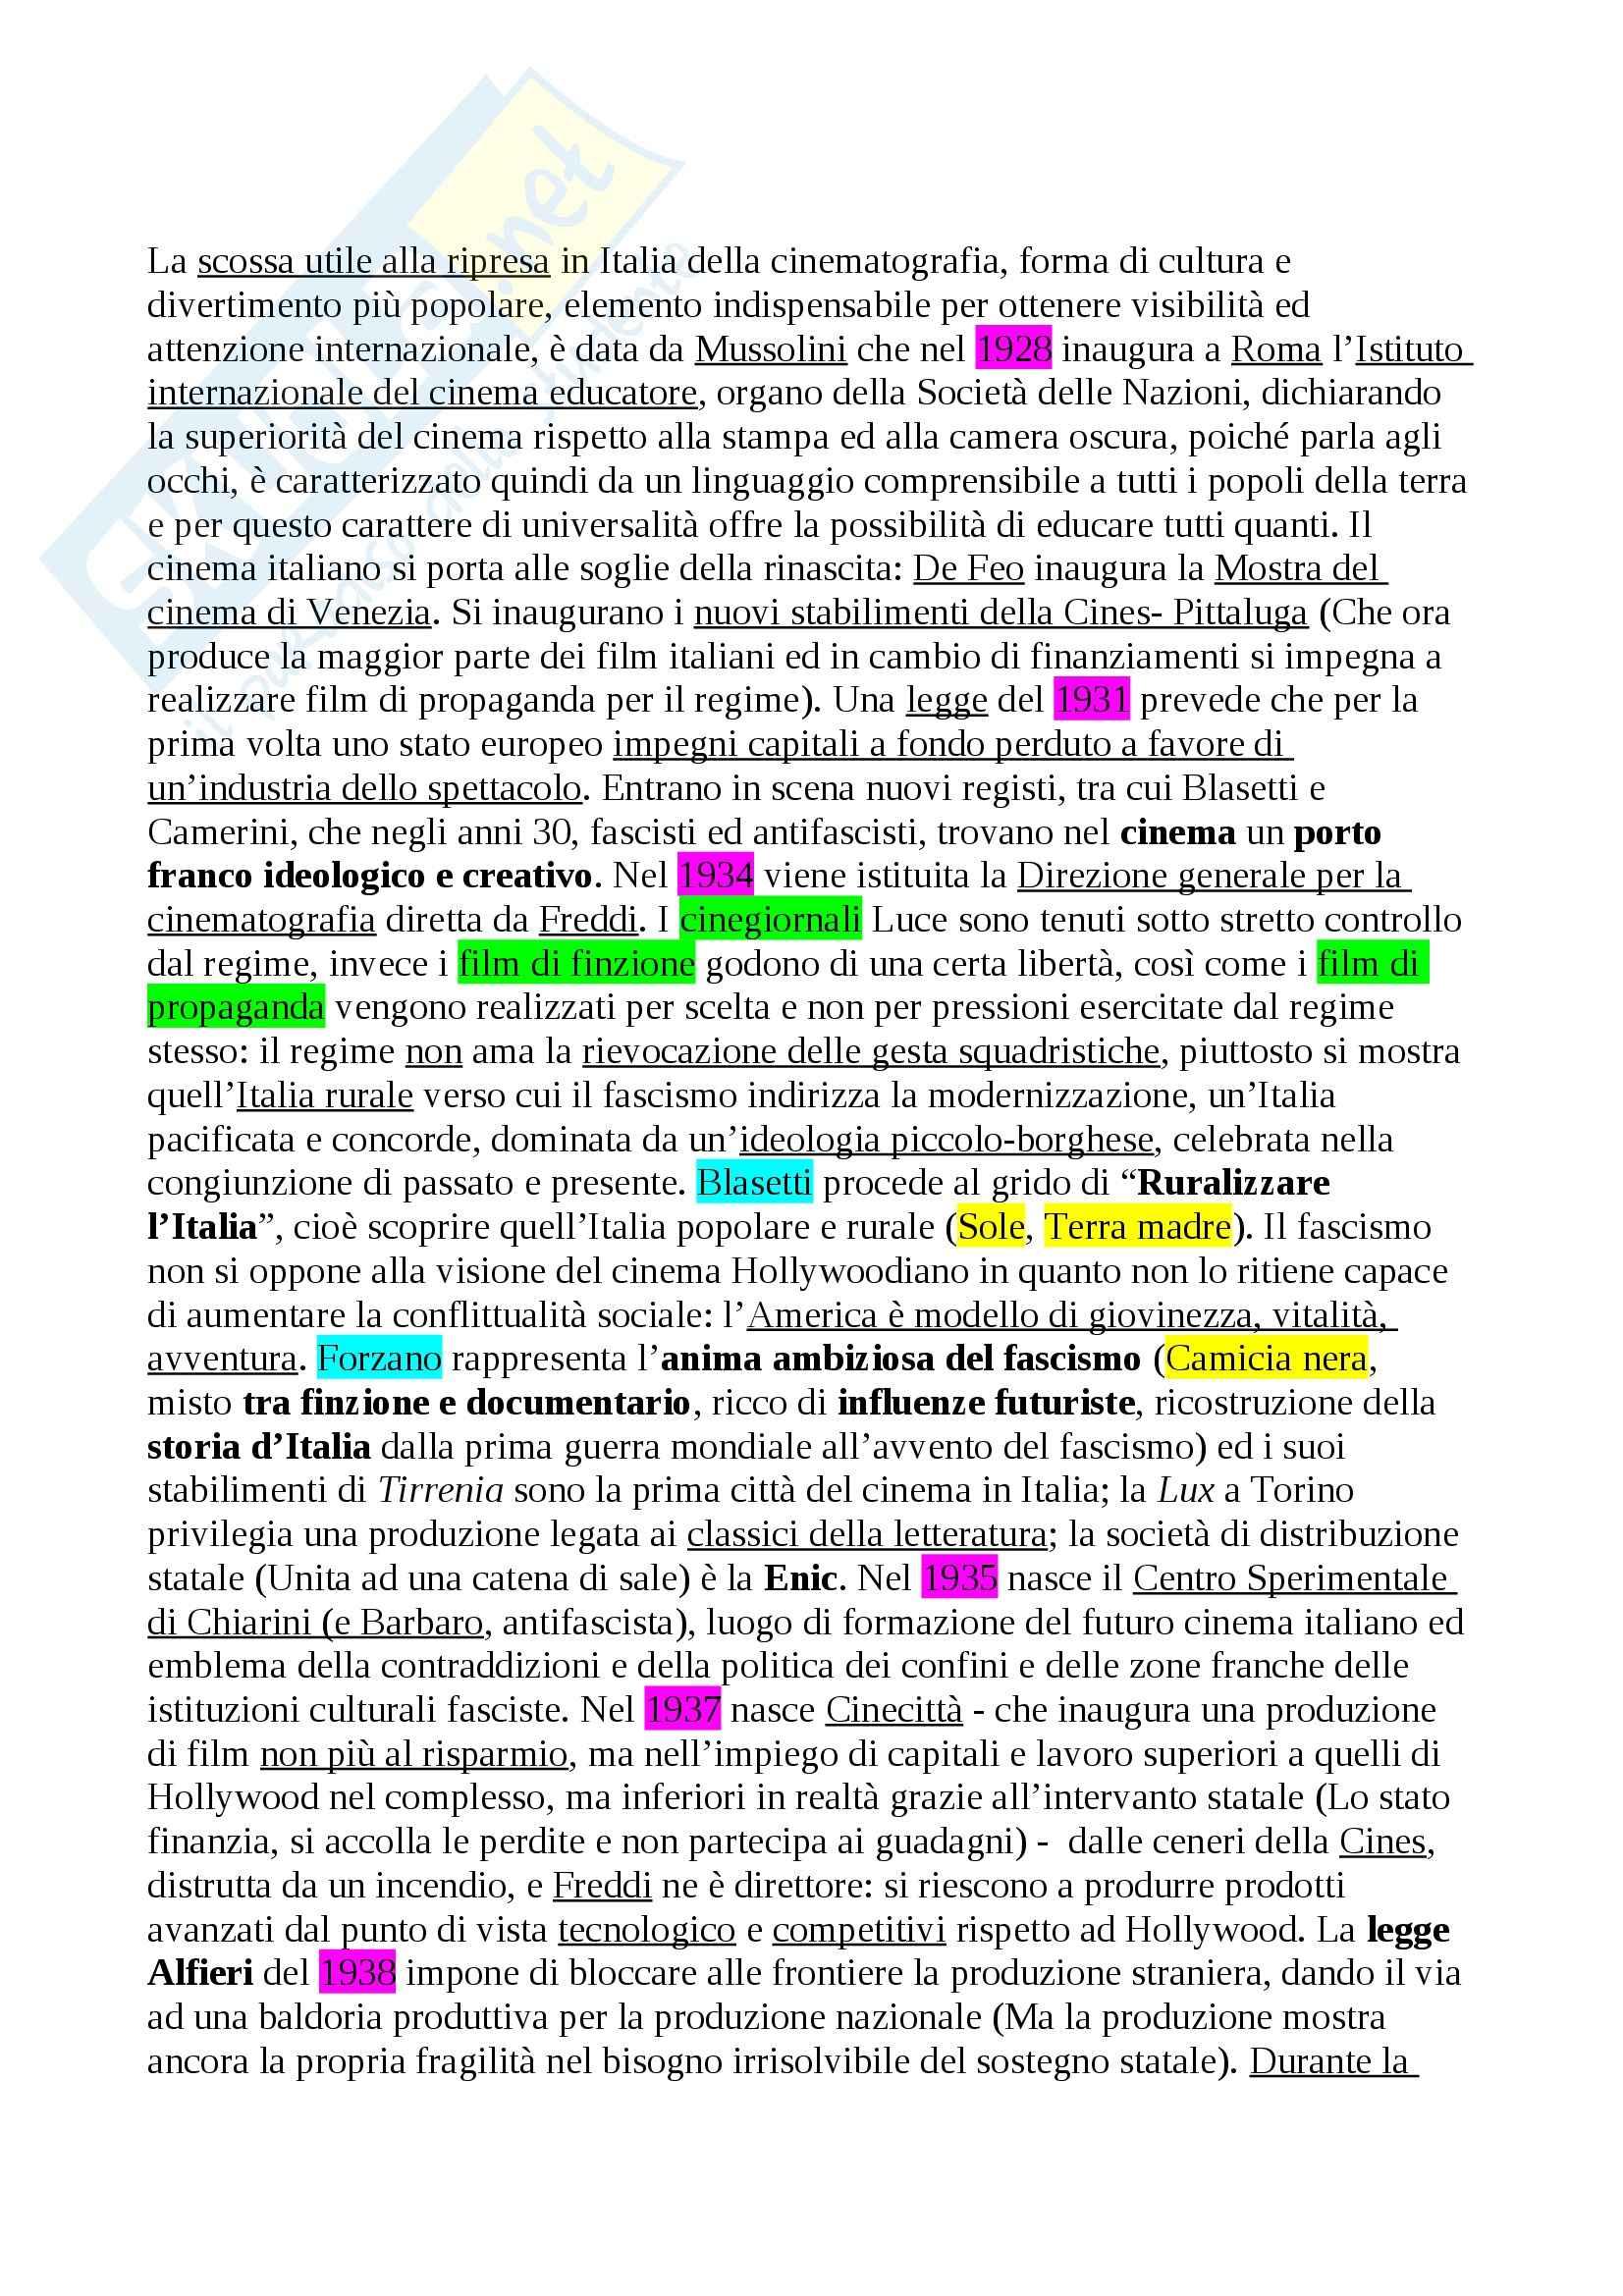 Riassunto esame Storia del Cinema Italiano, prof. Della Torre Pag. 6